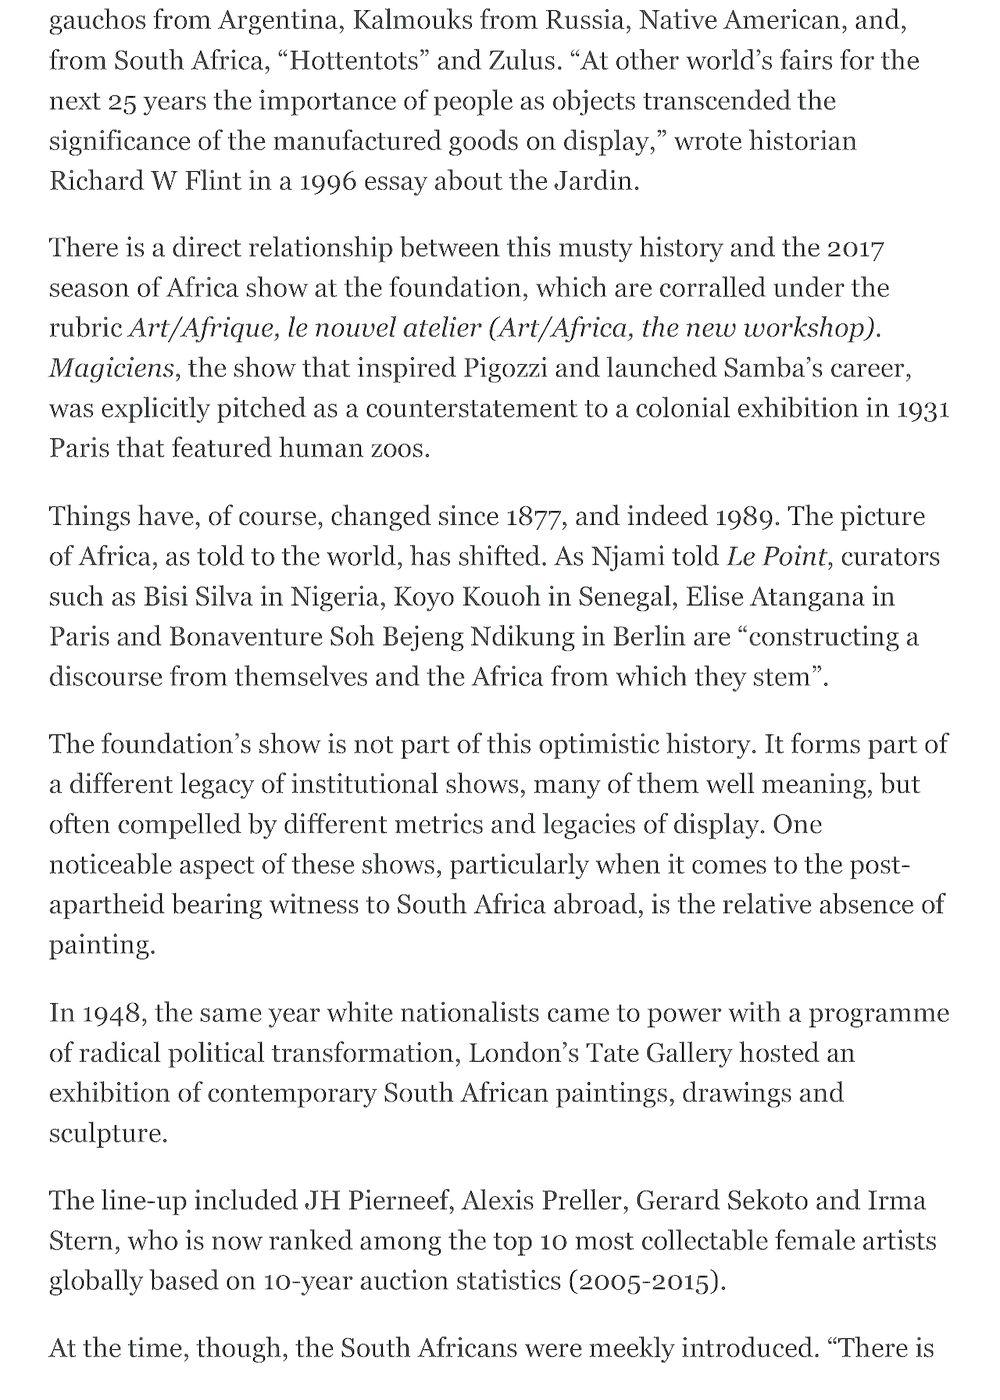 Mail & Guardian | Cinga SAMSON